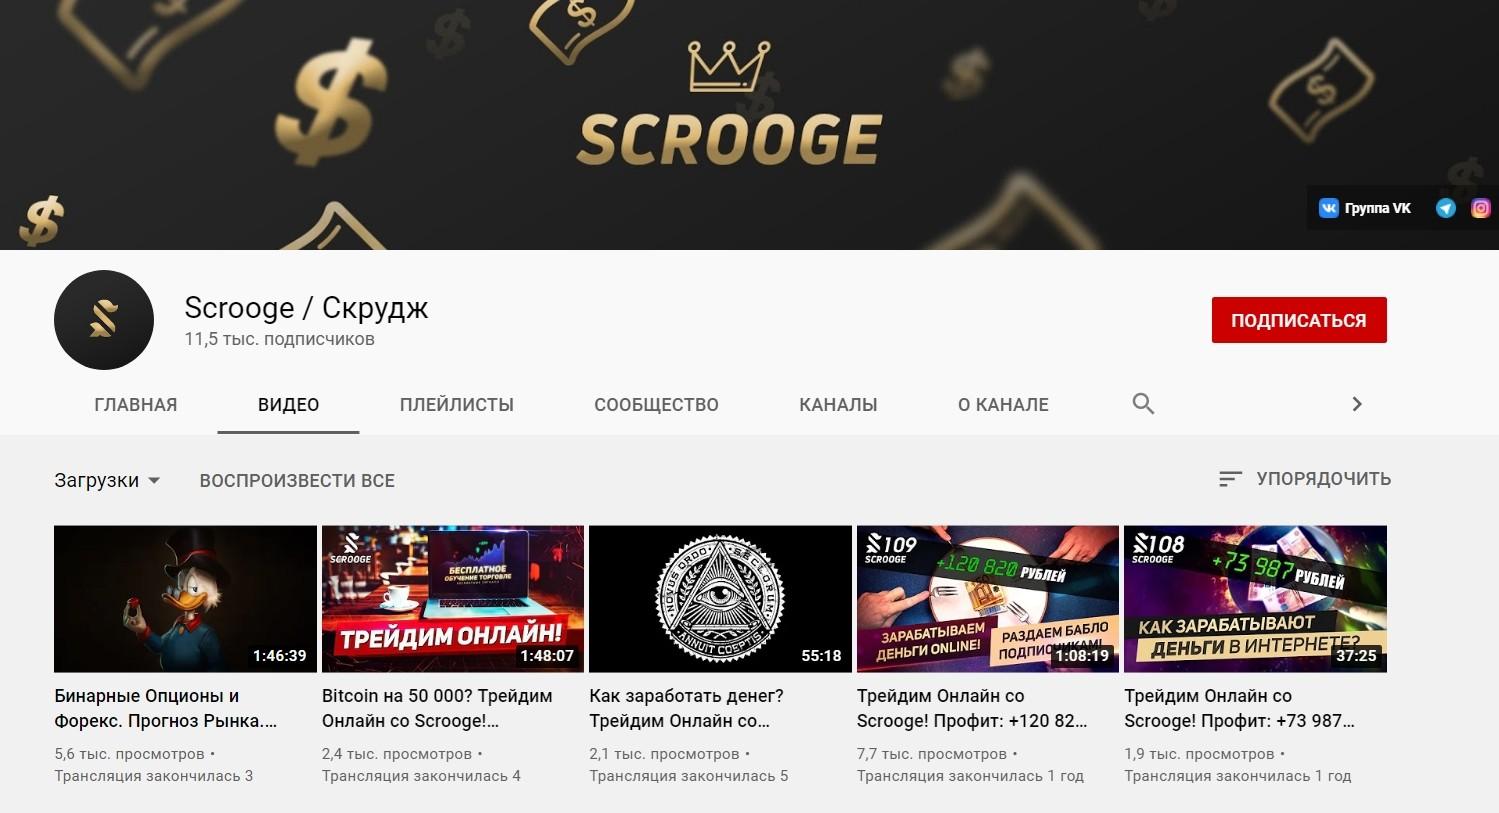 Ютуб канал Евгения Кравцова